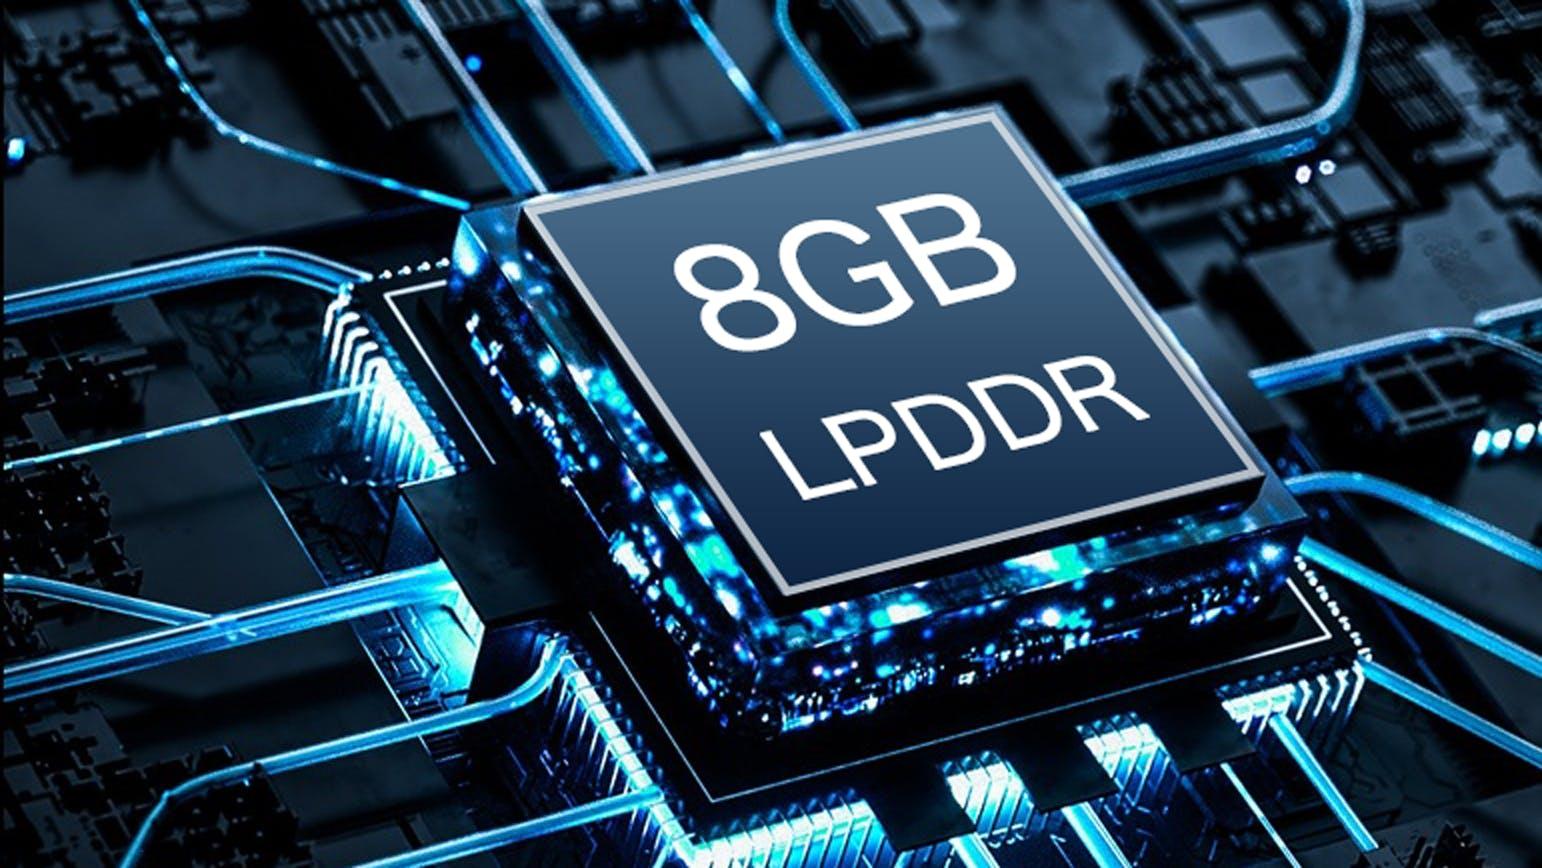 メモリ8GBでサクサク動作